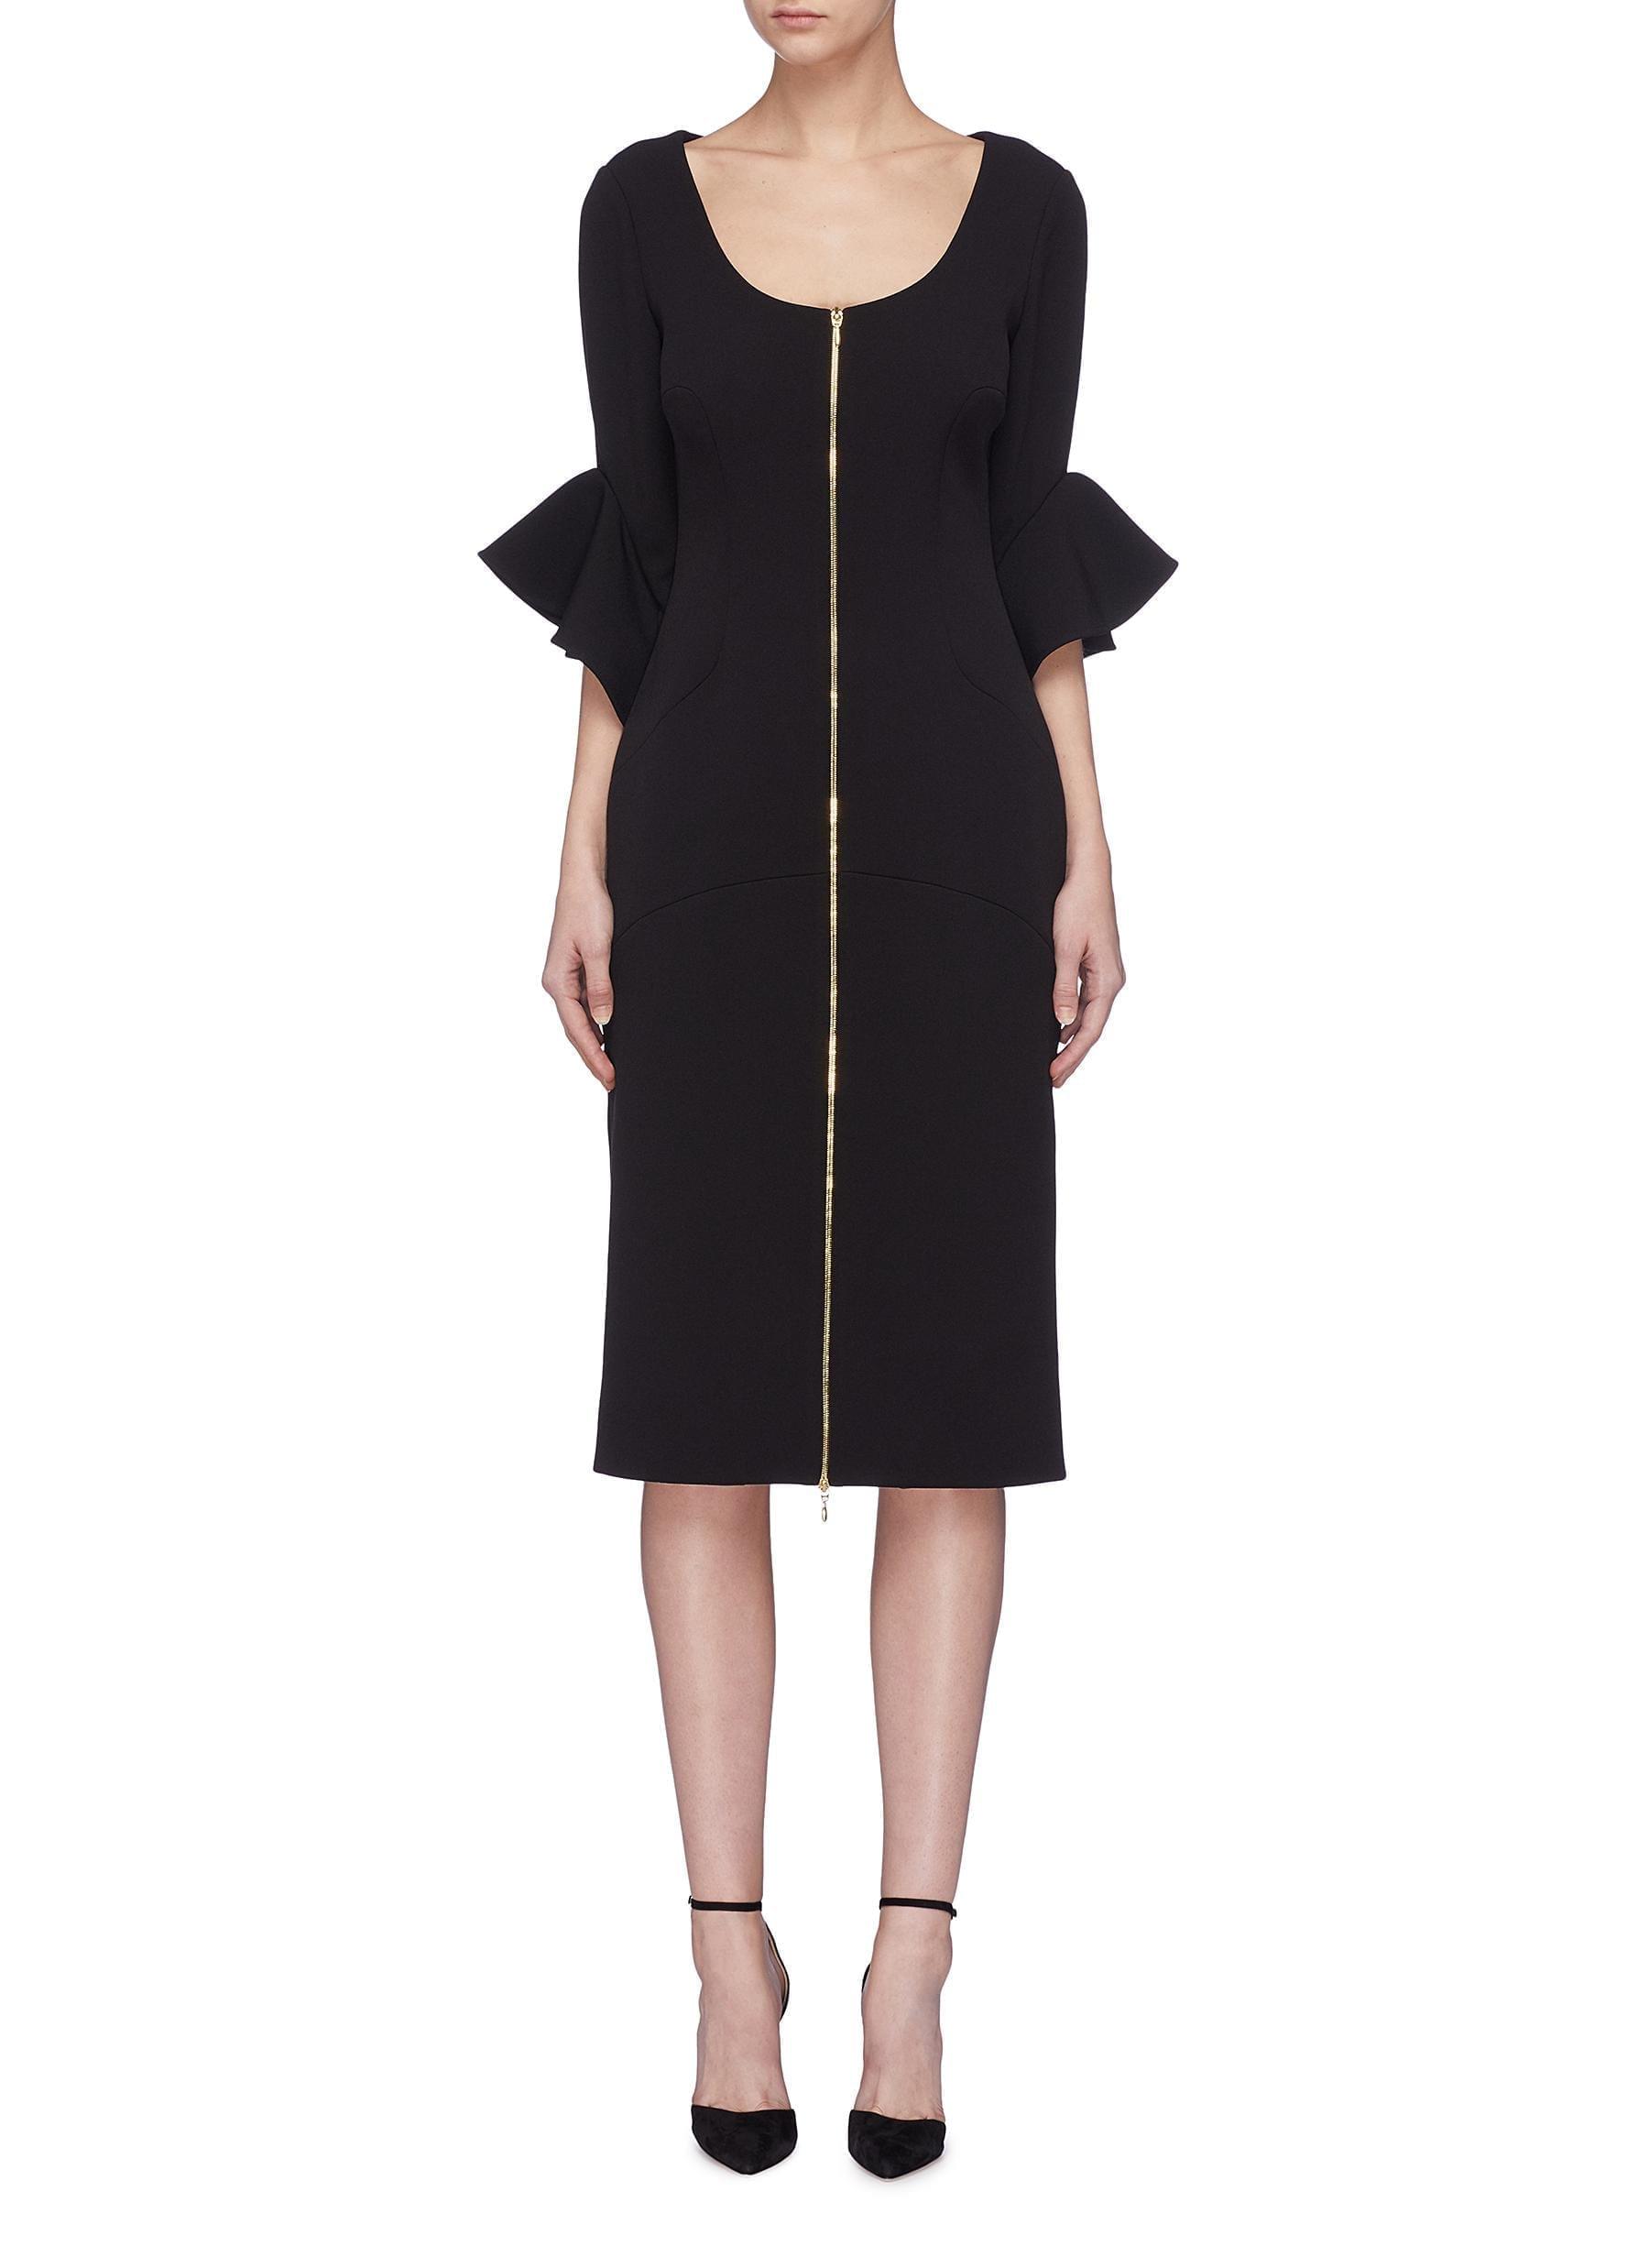 REBECCA VALLANCE 'Carline' Drape Ruffle Cuff Zip Front Crepe Black Dress